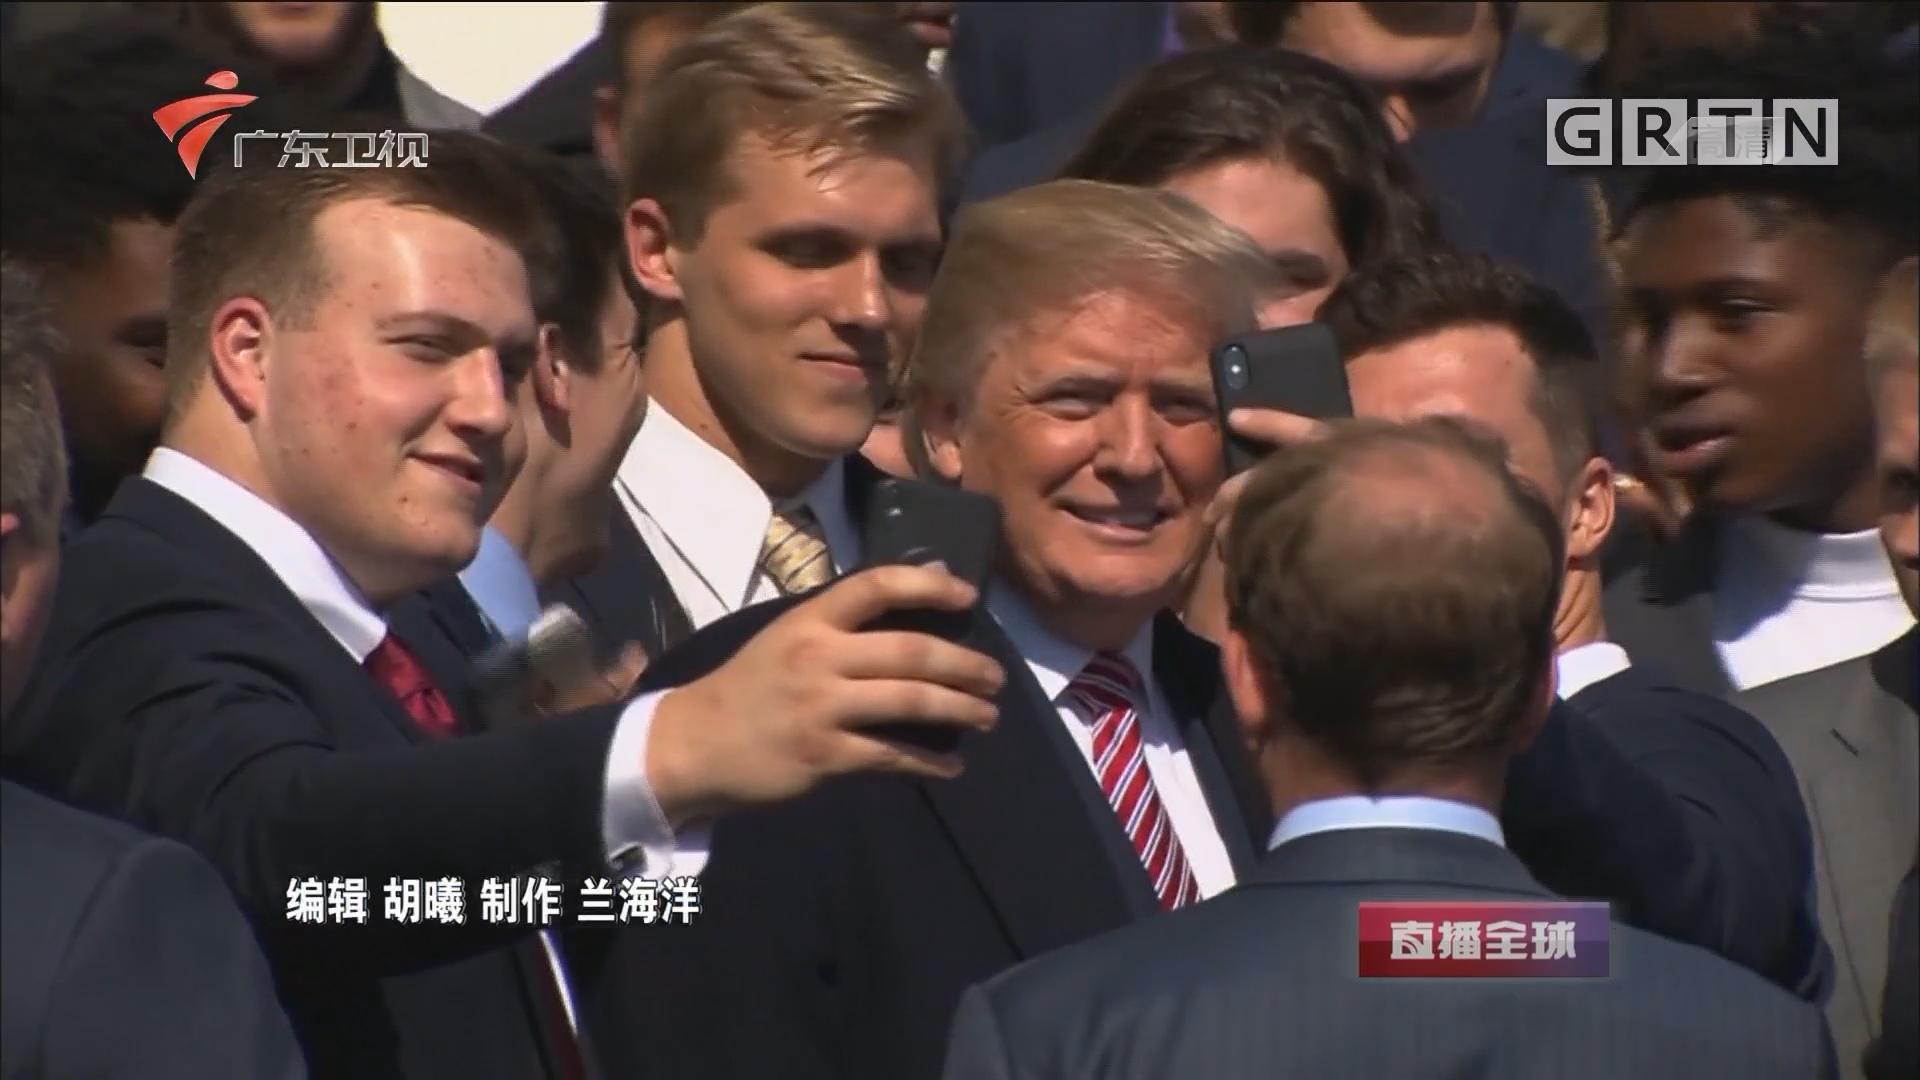 特朗普成首位缺席美洲峰会的美国总统:美国副总统彭斯代替出席